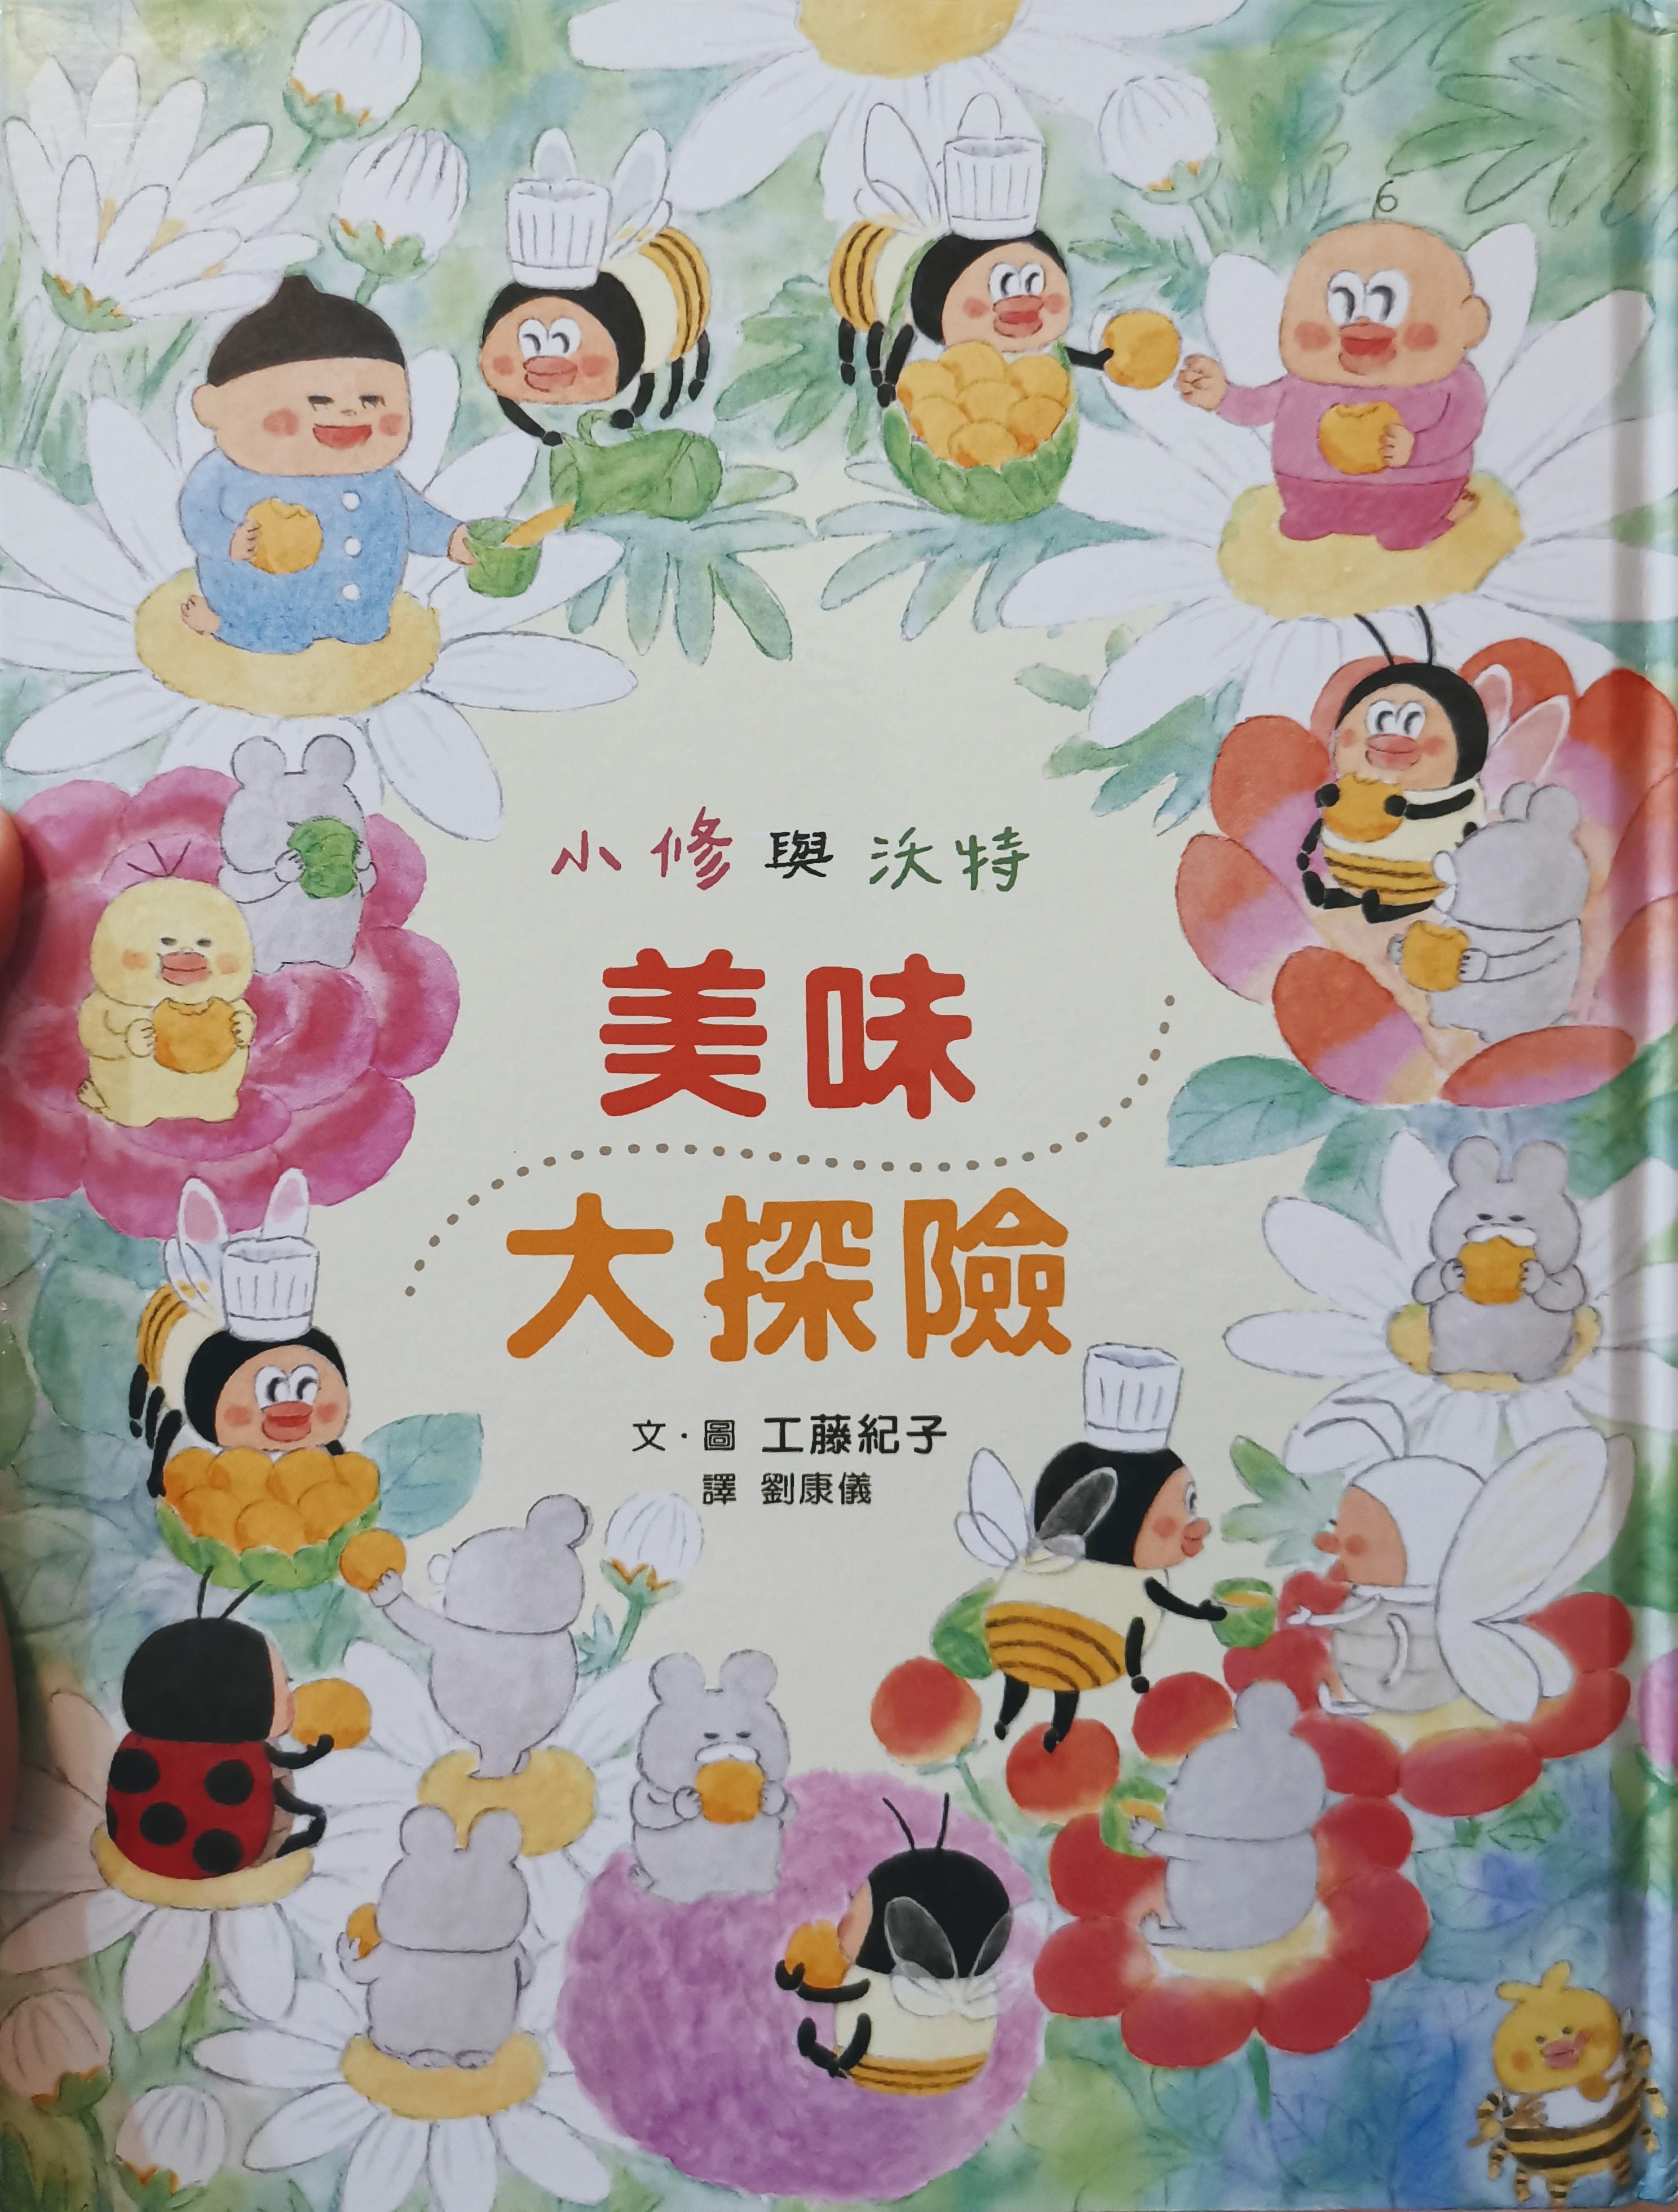 小修與沃特-美味大探險[2]/小魯文化